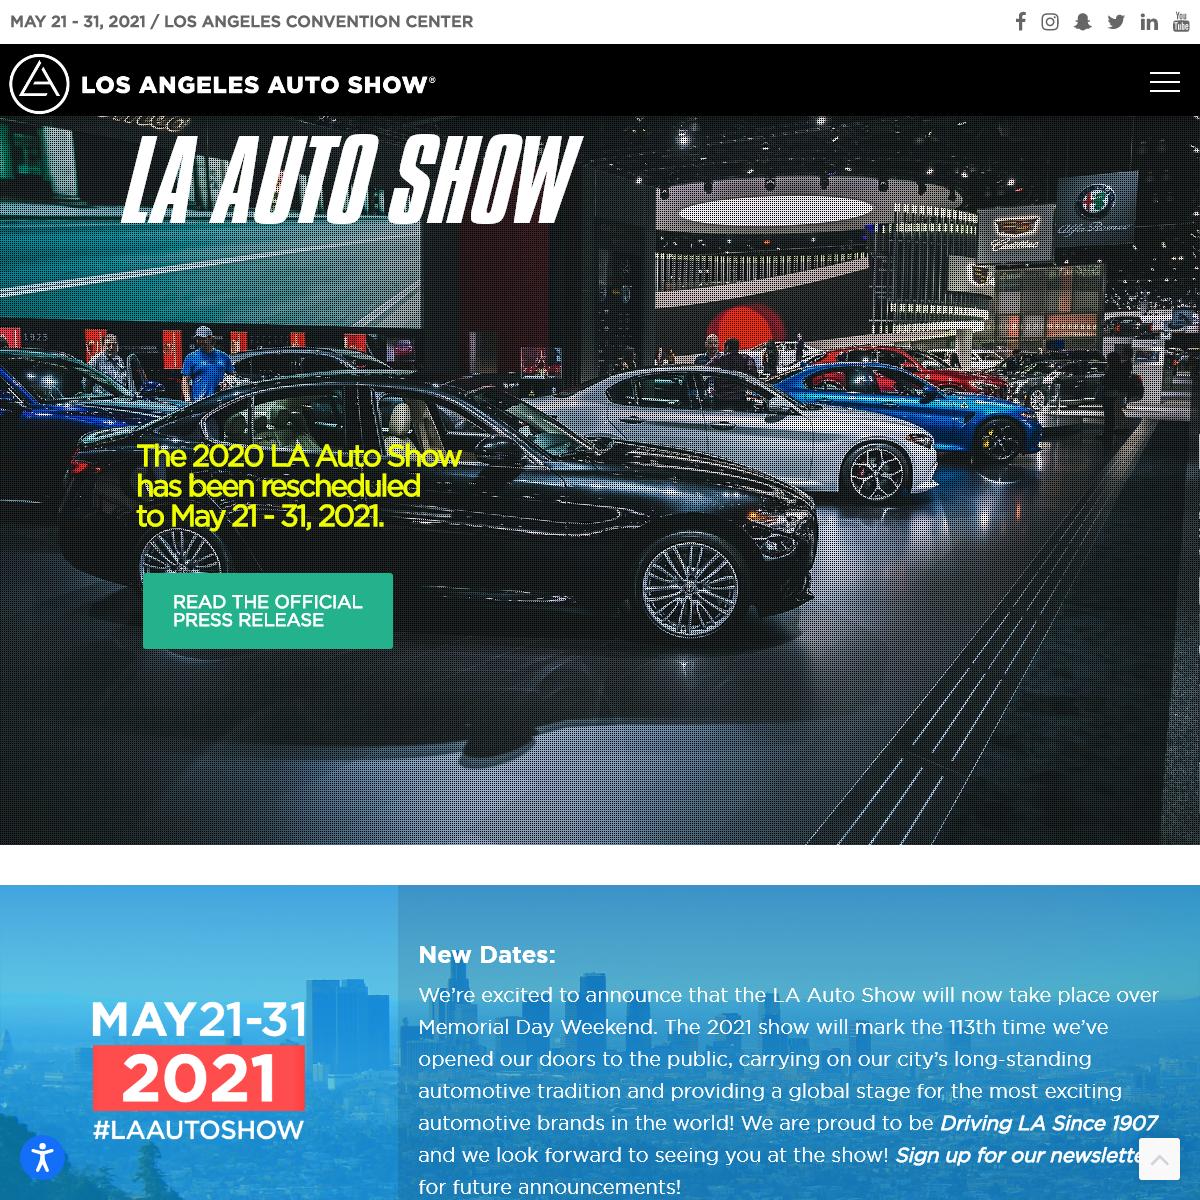 The LA Auto Show- May 21 - 31 at the LA Convention Center